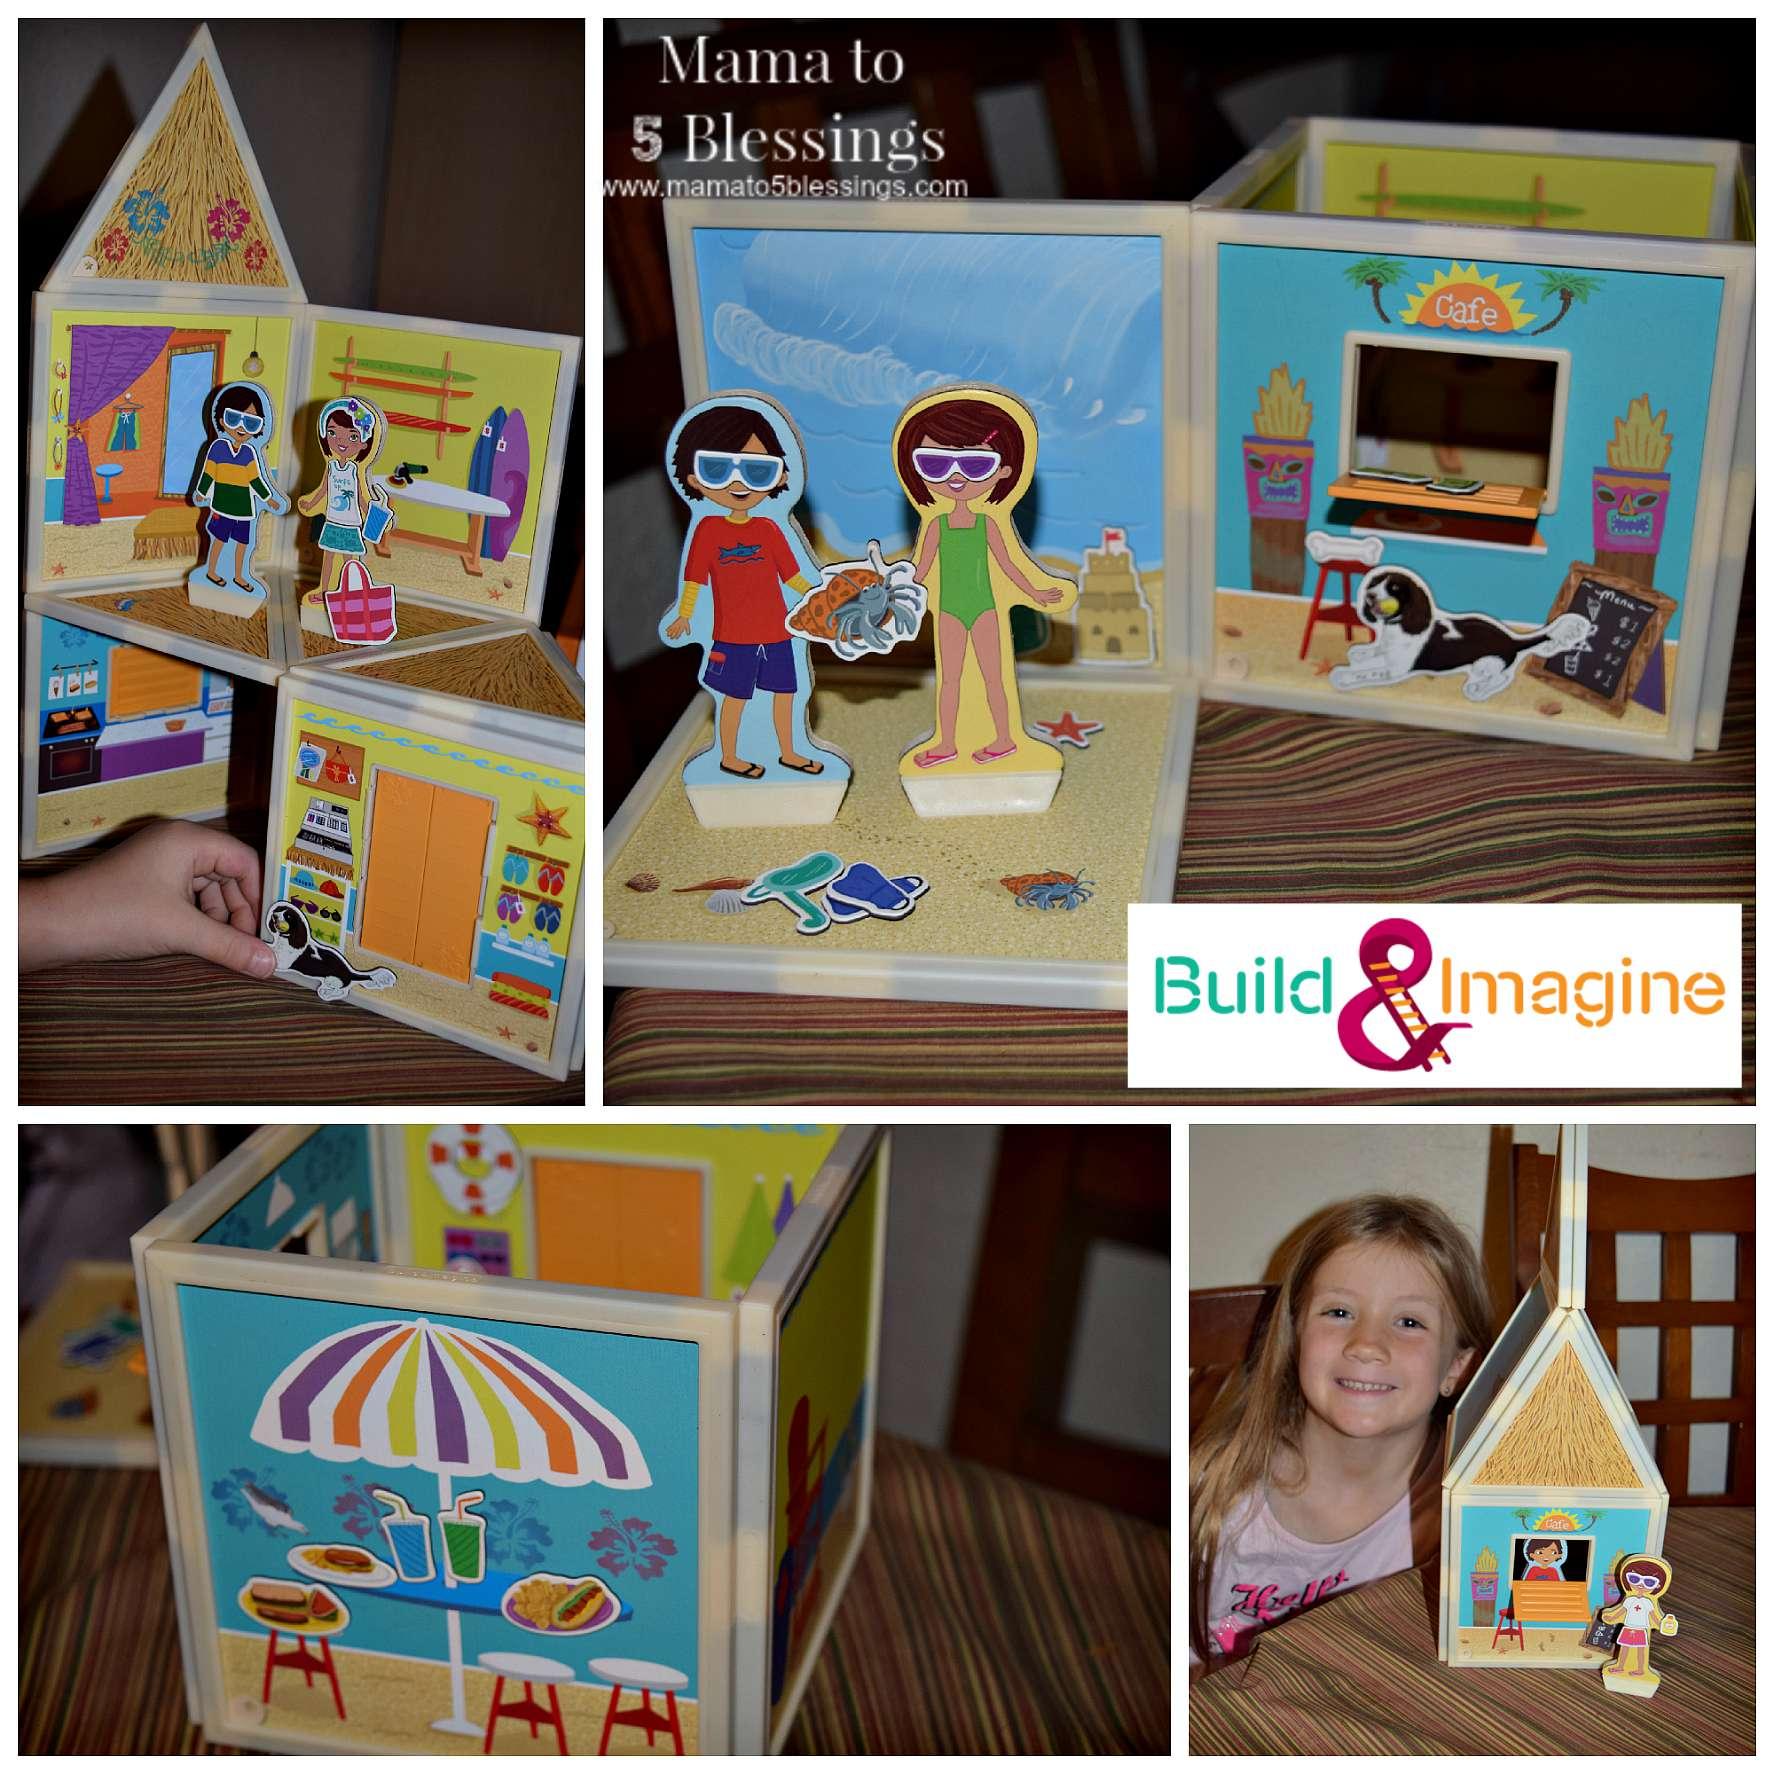 build imagine collage